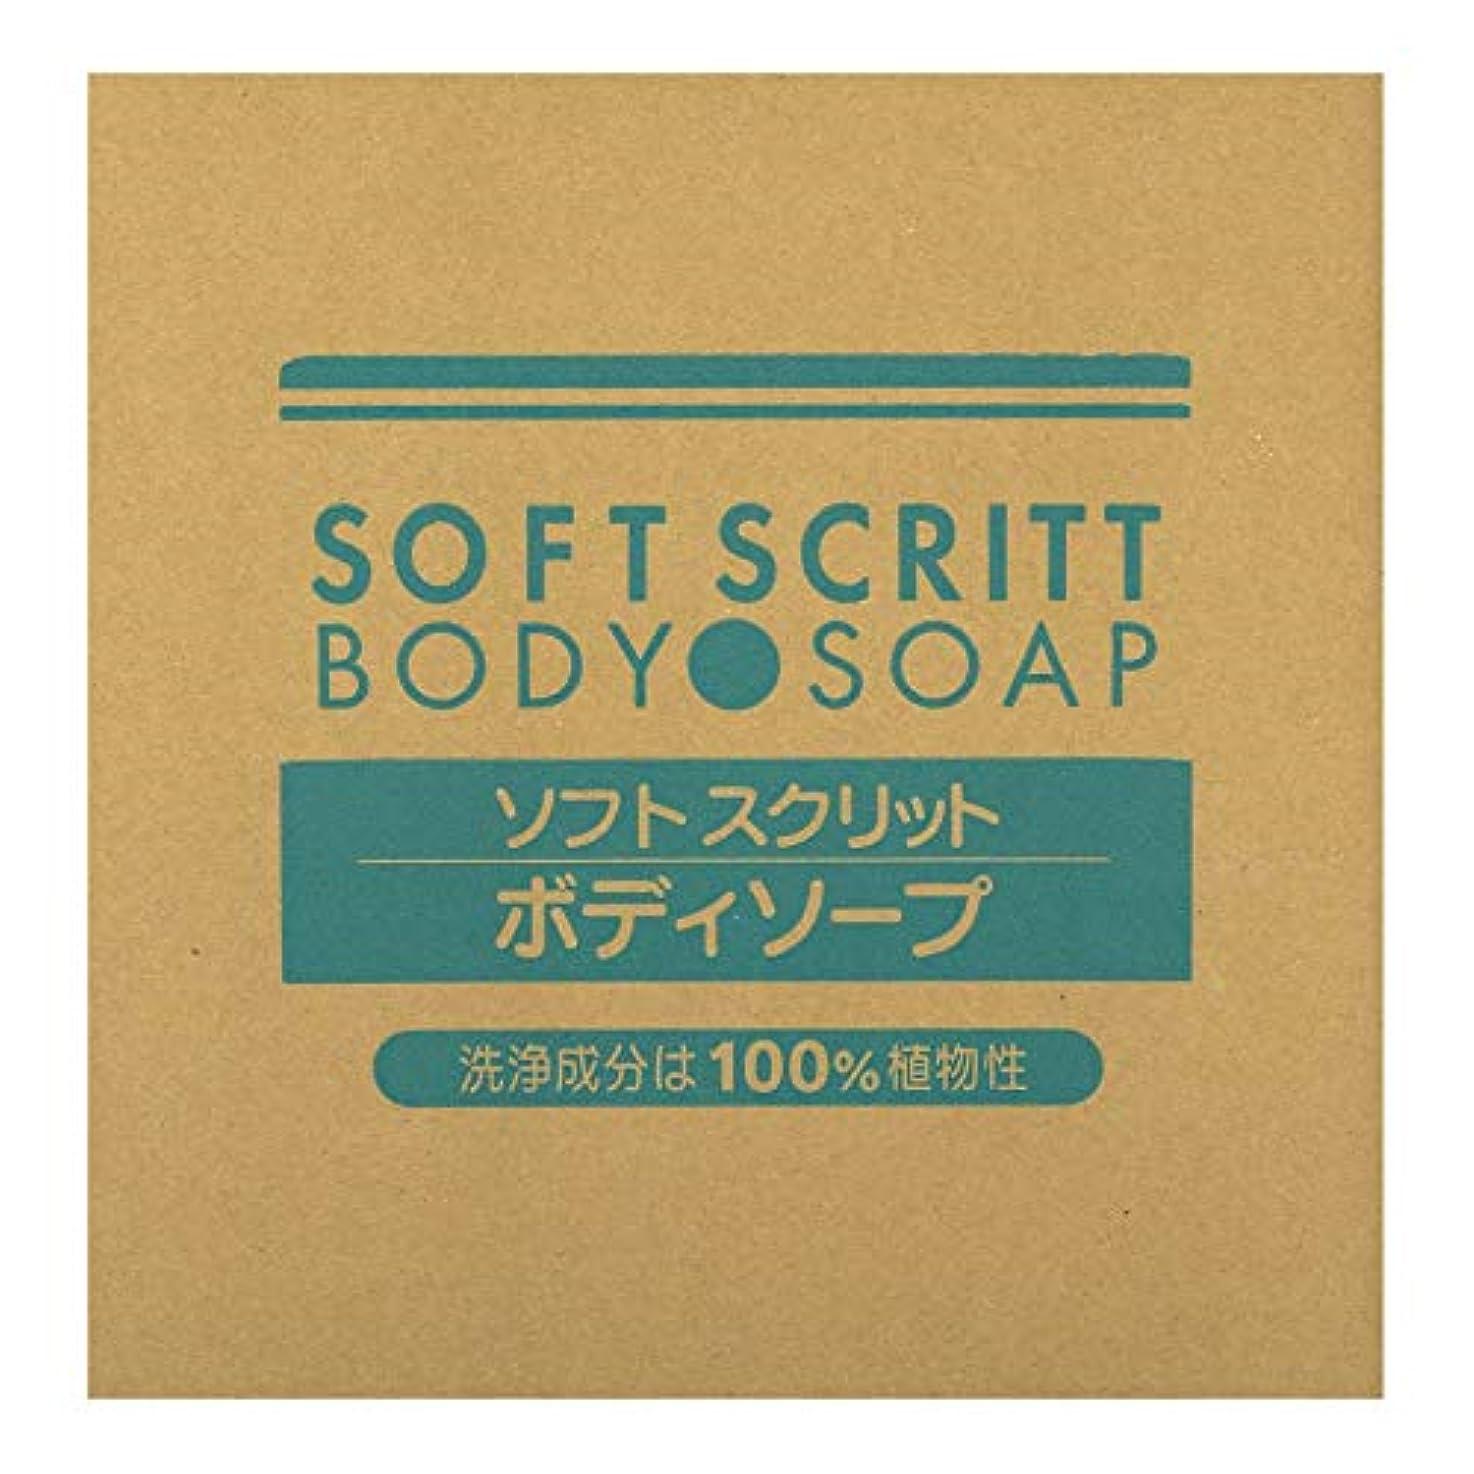 対話不幸槍熊野油脂 業務用 SOFT SCRITT(ソフト スクリット) ボディソープ 18L